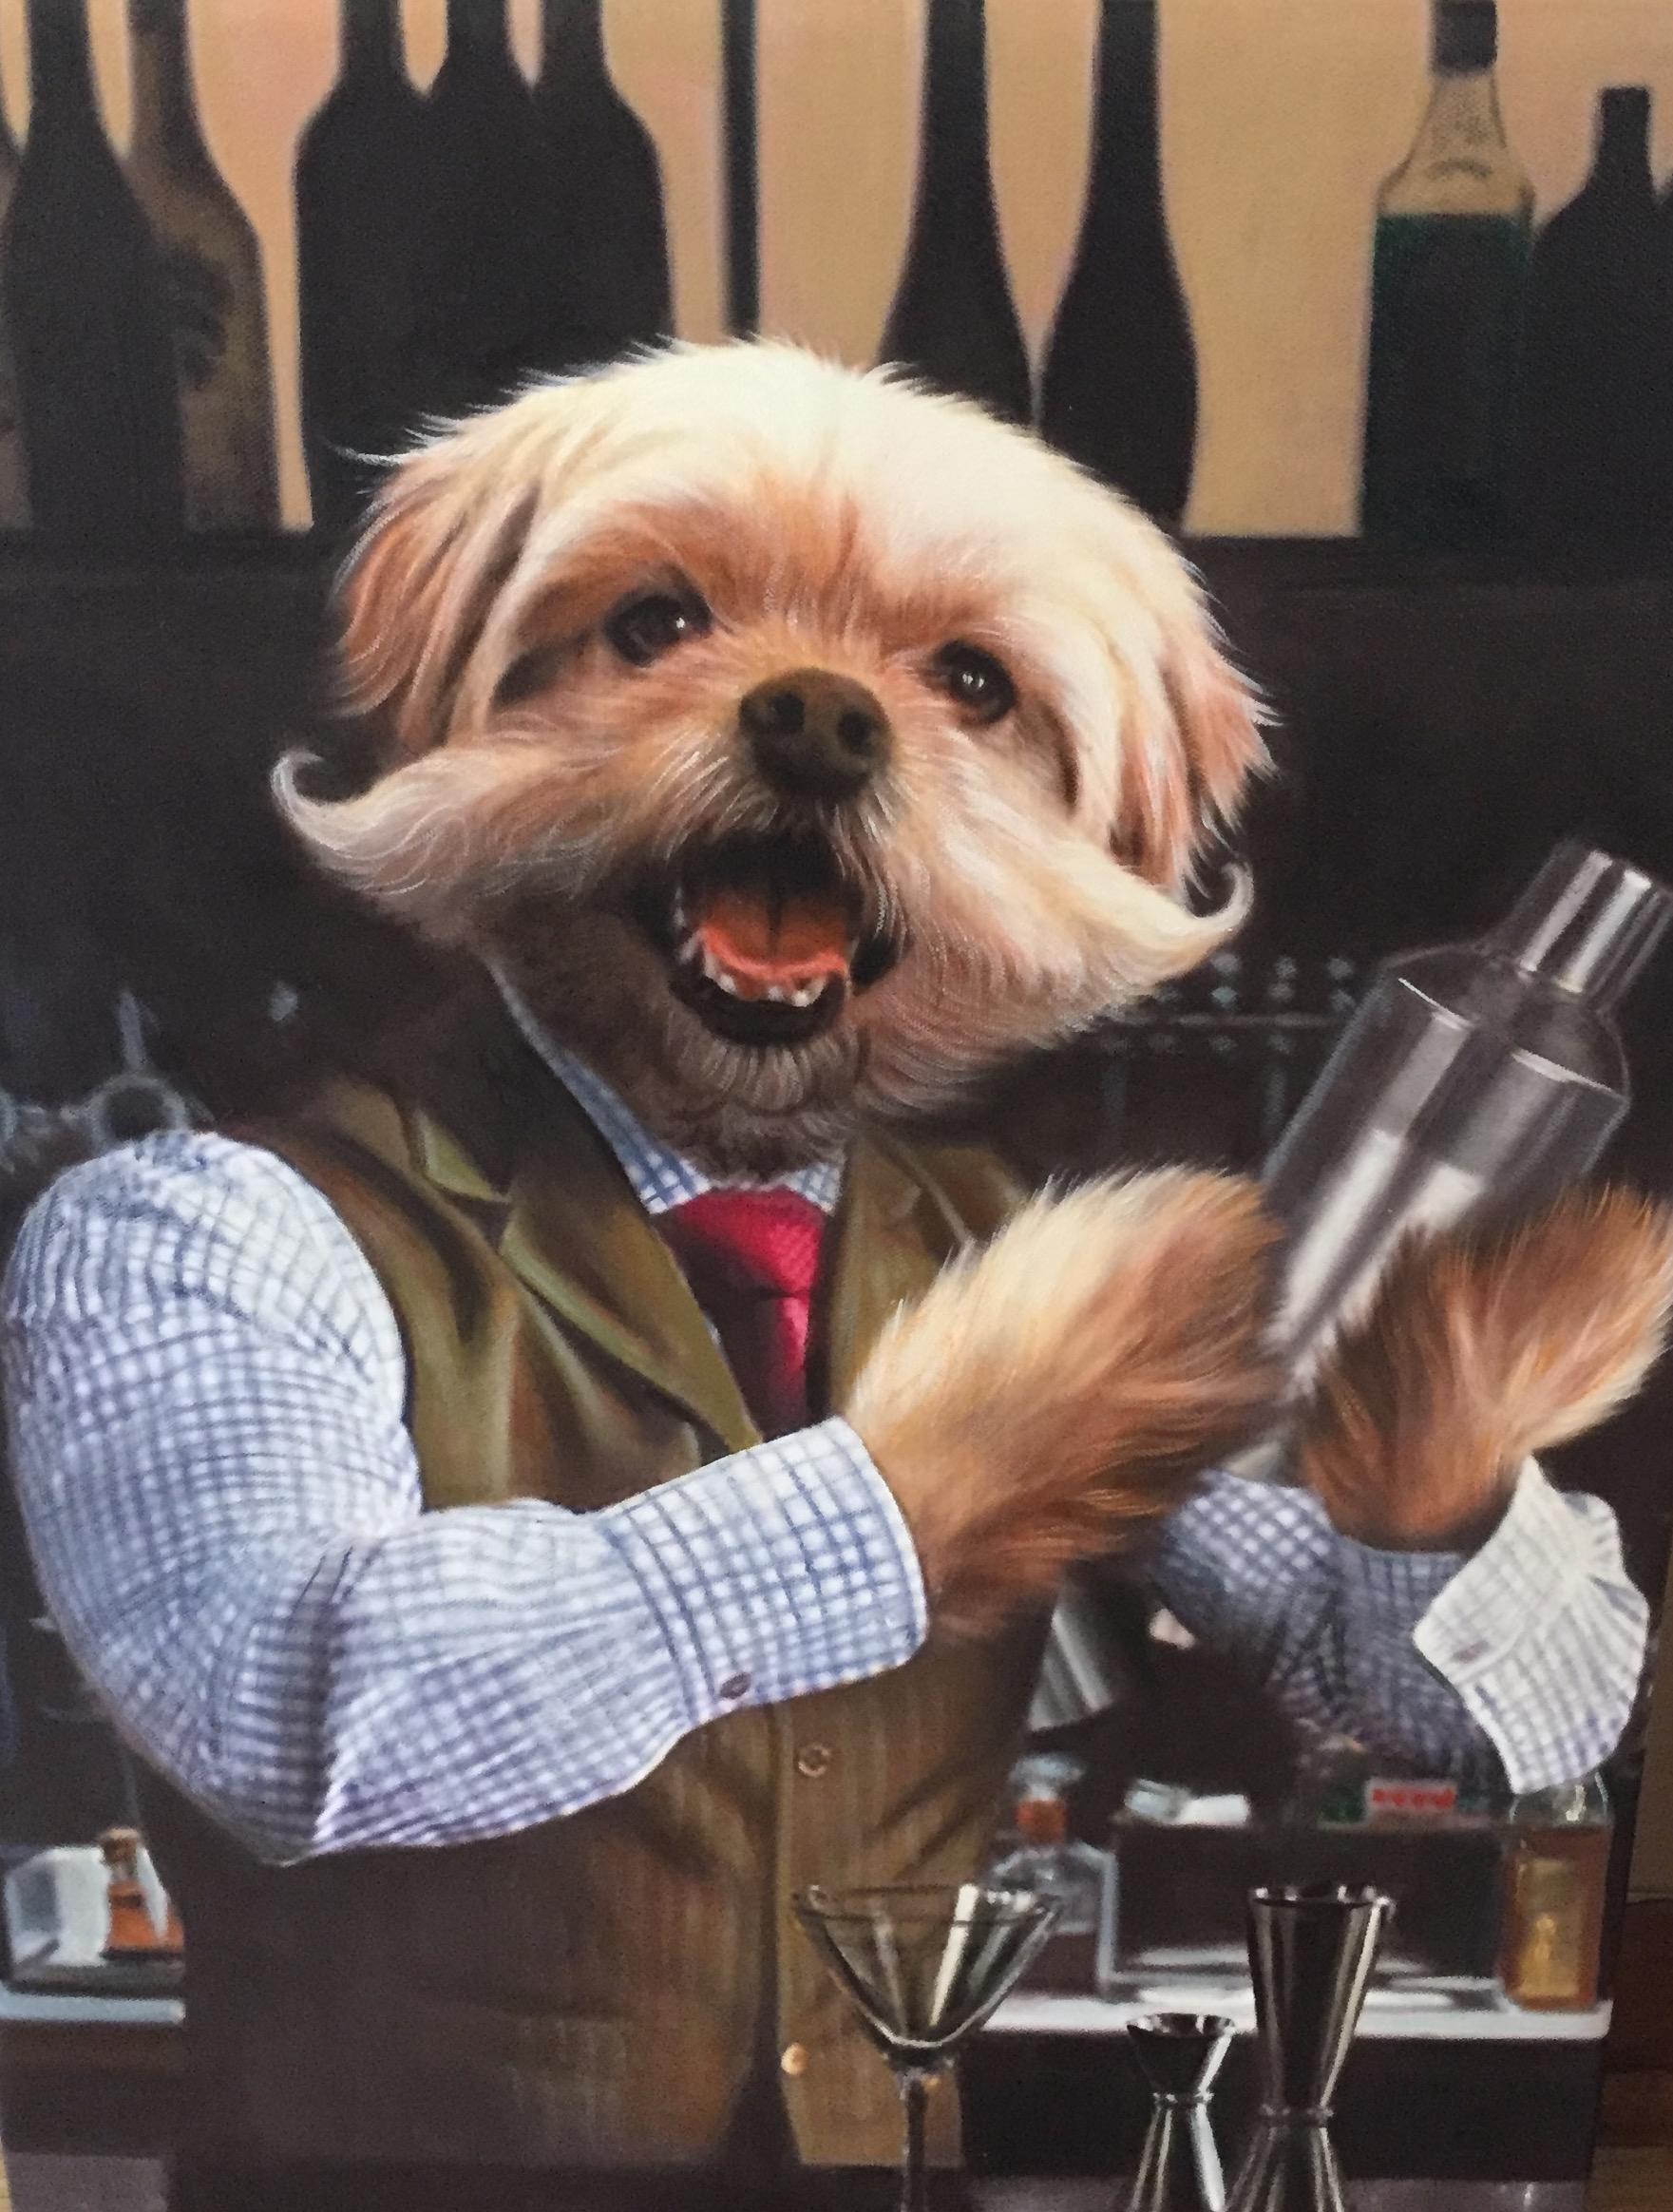 Dog Bartender